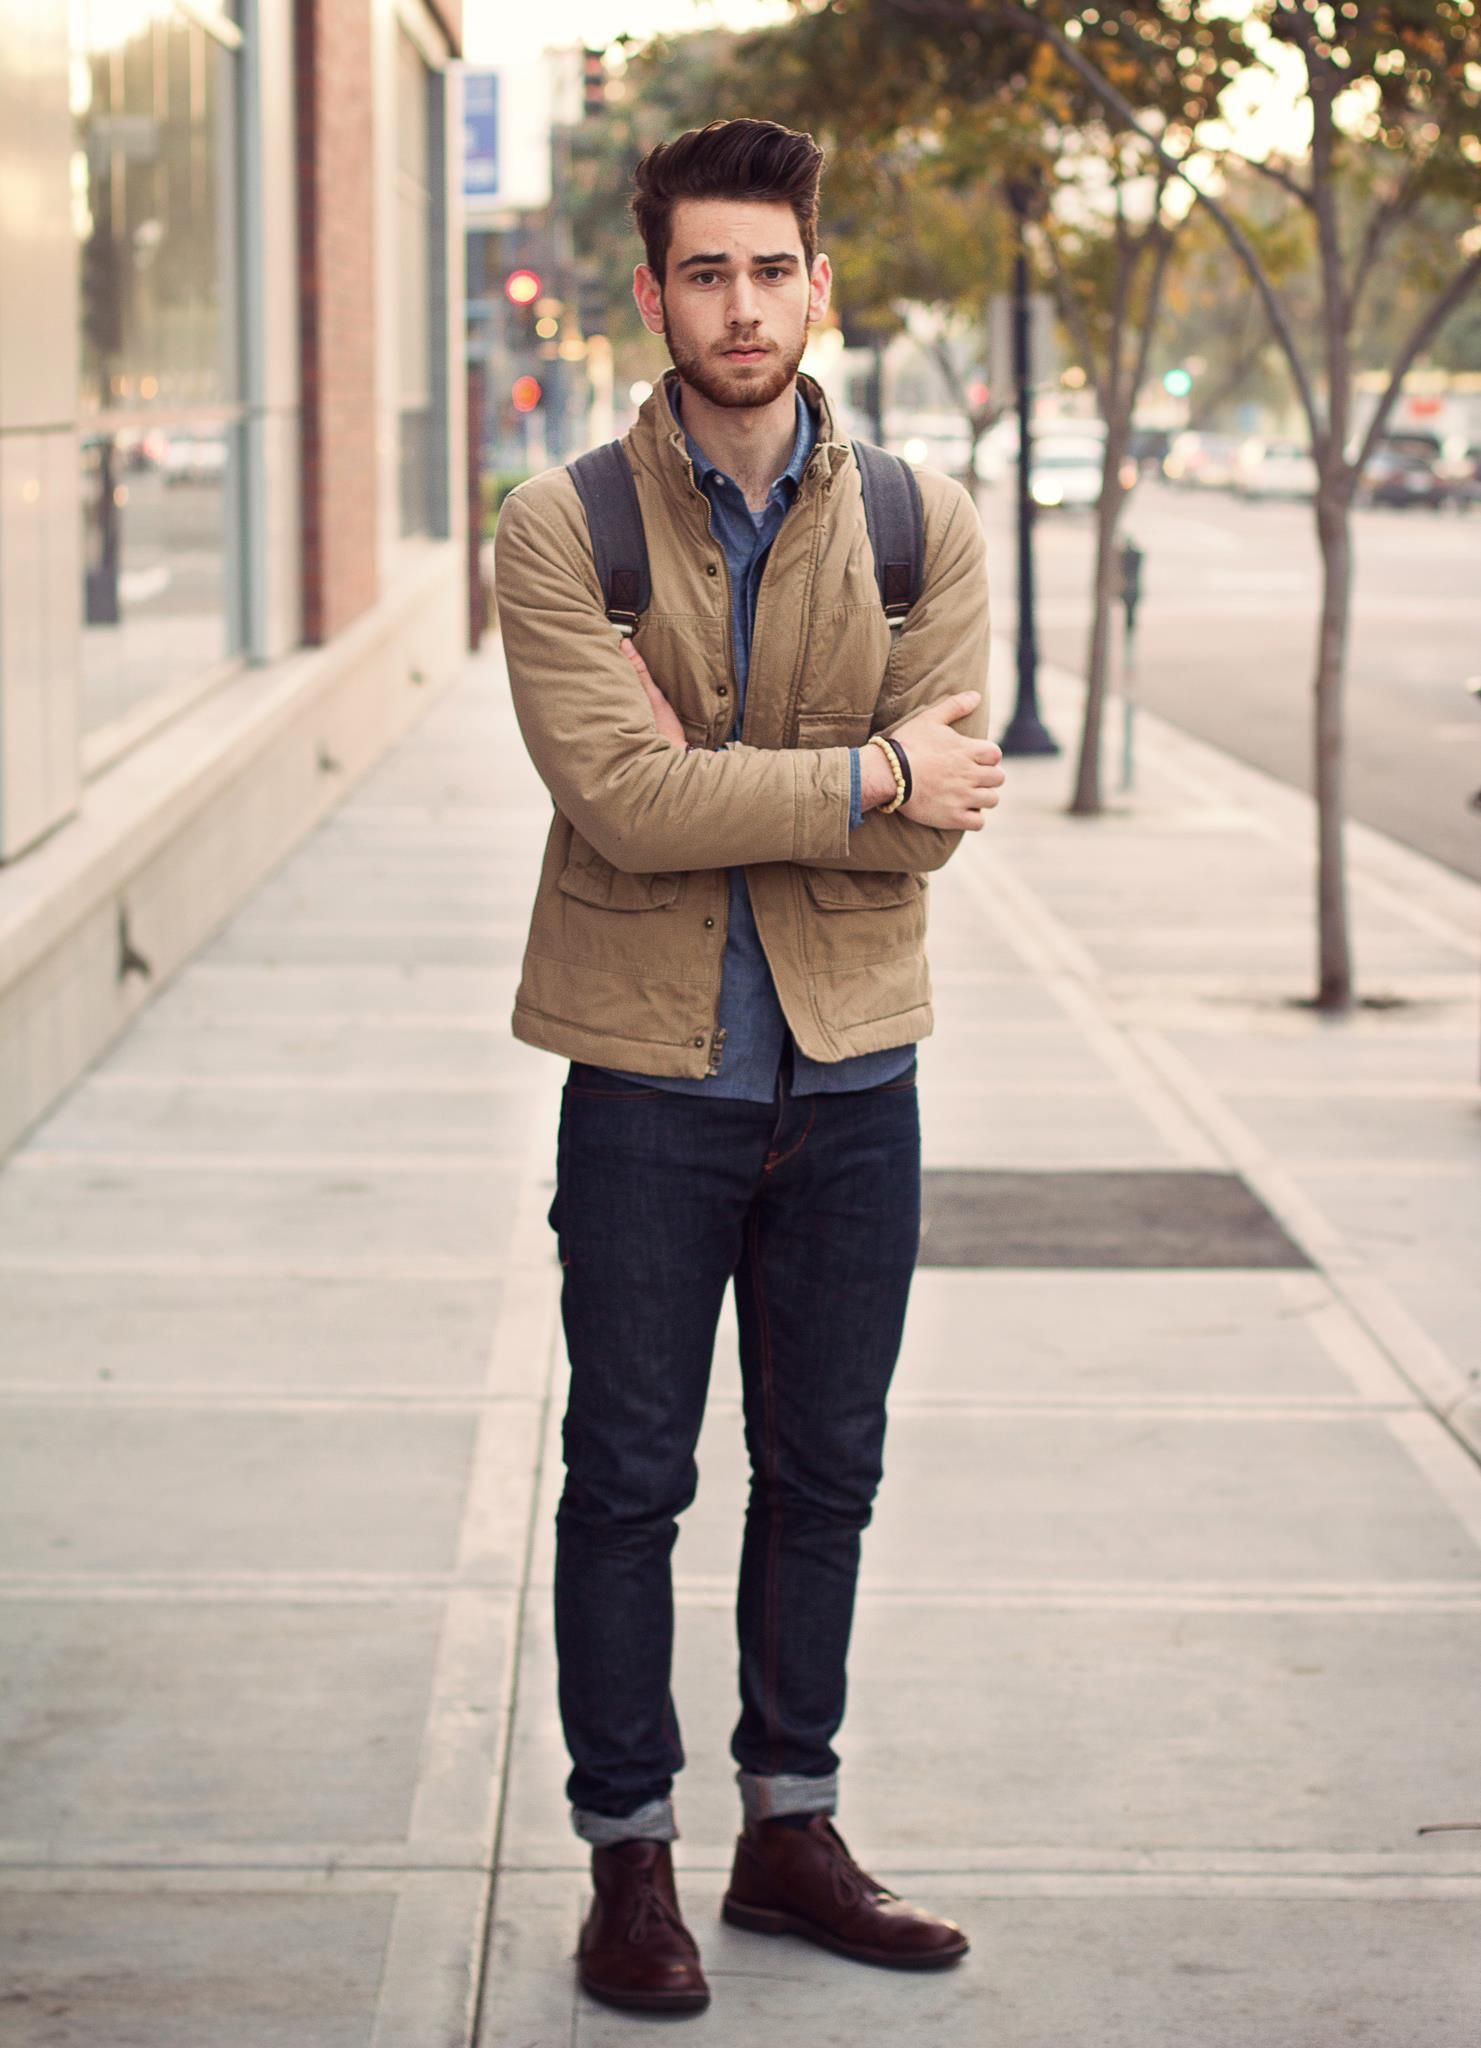 порезать, вареные как модно одеваться мужчине фото гордятся, что